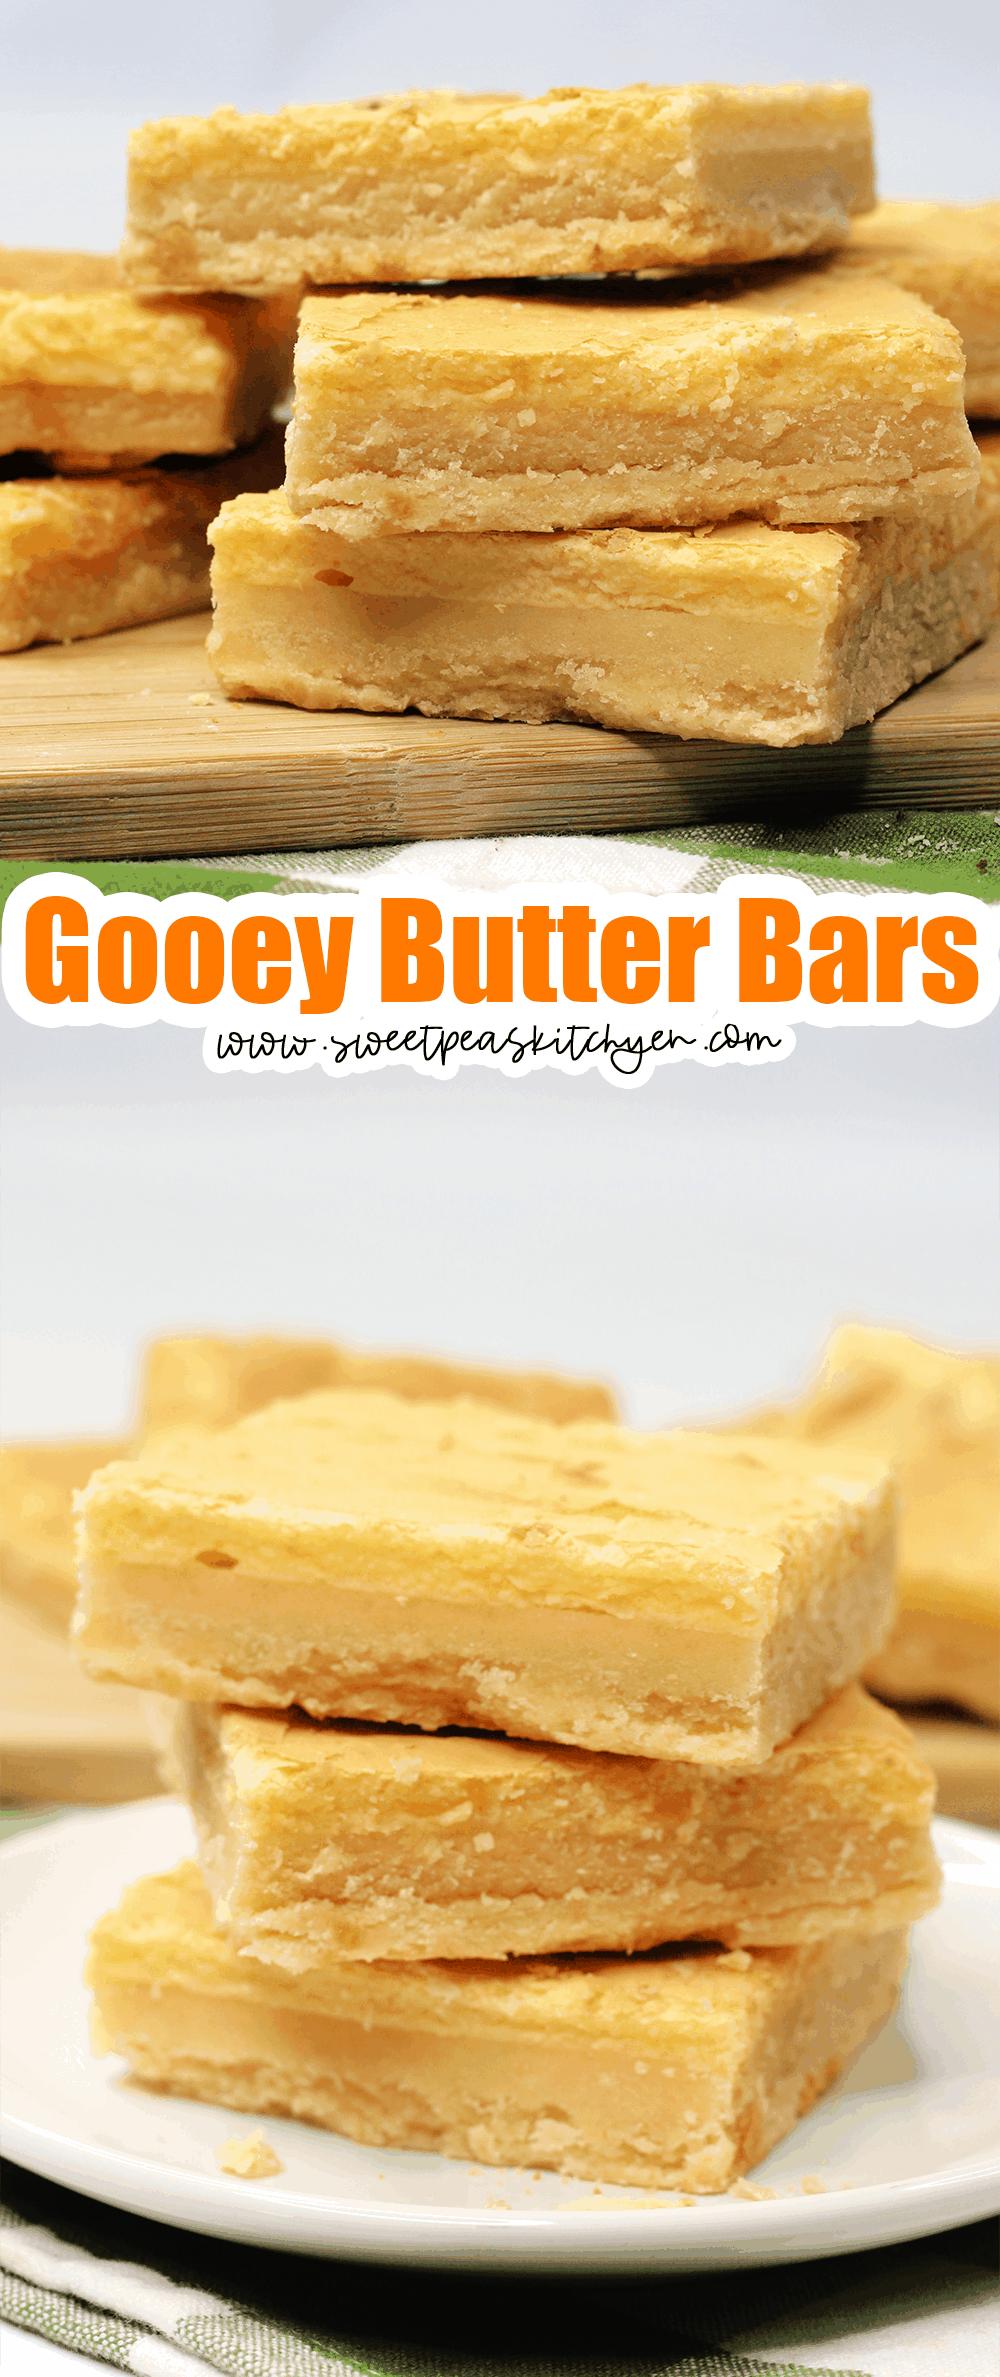 Gooey Butter Bars